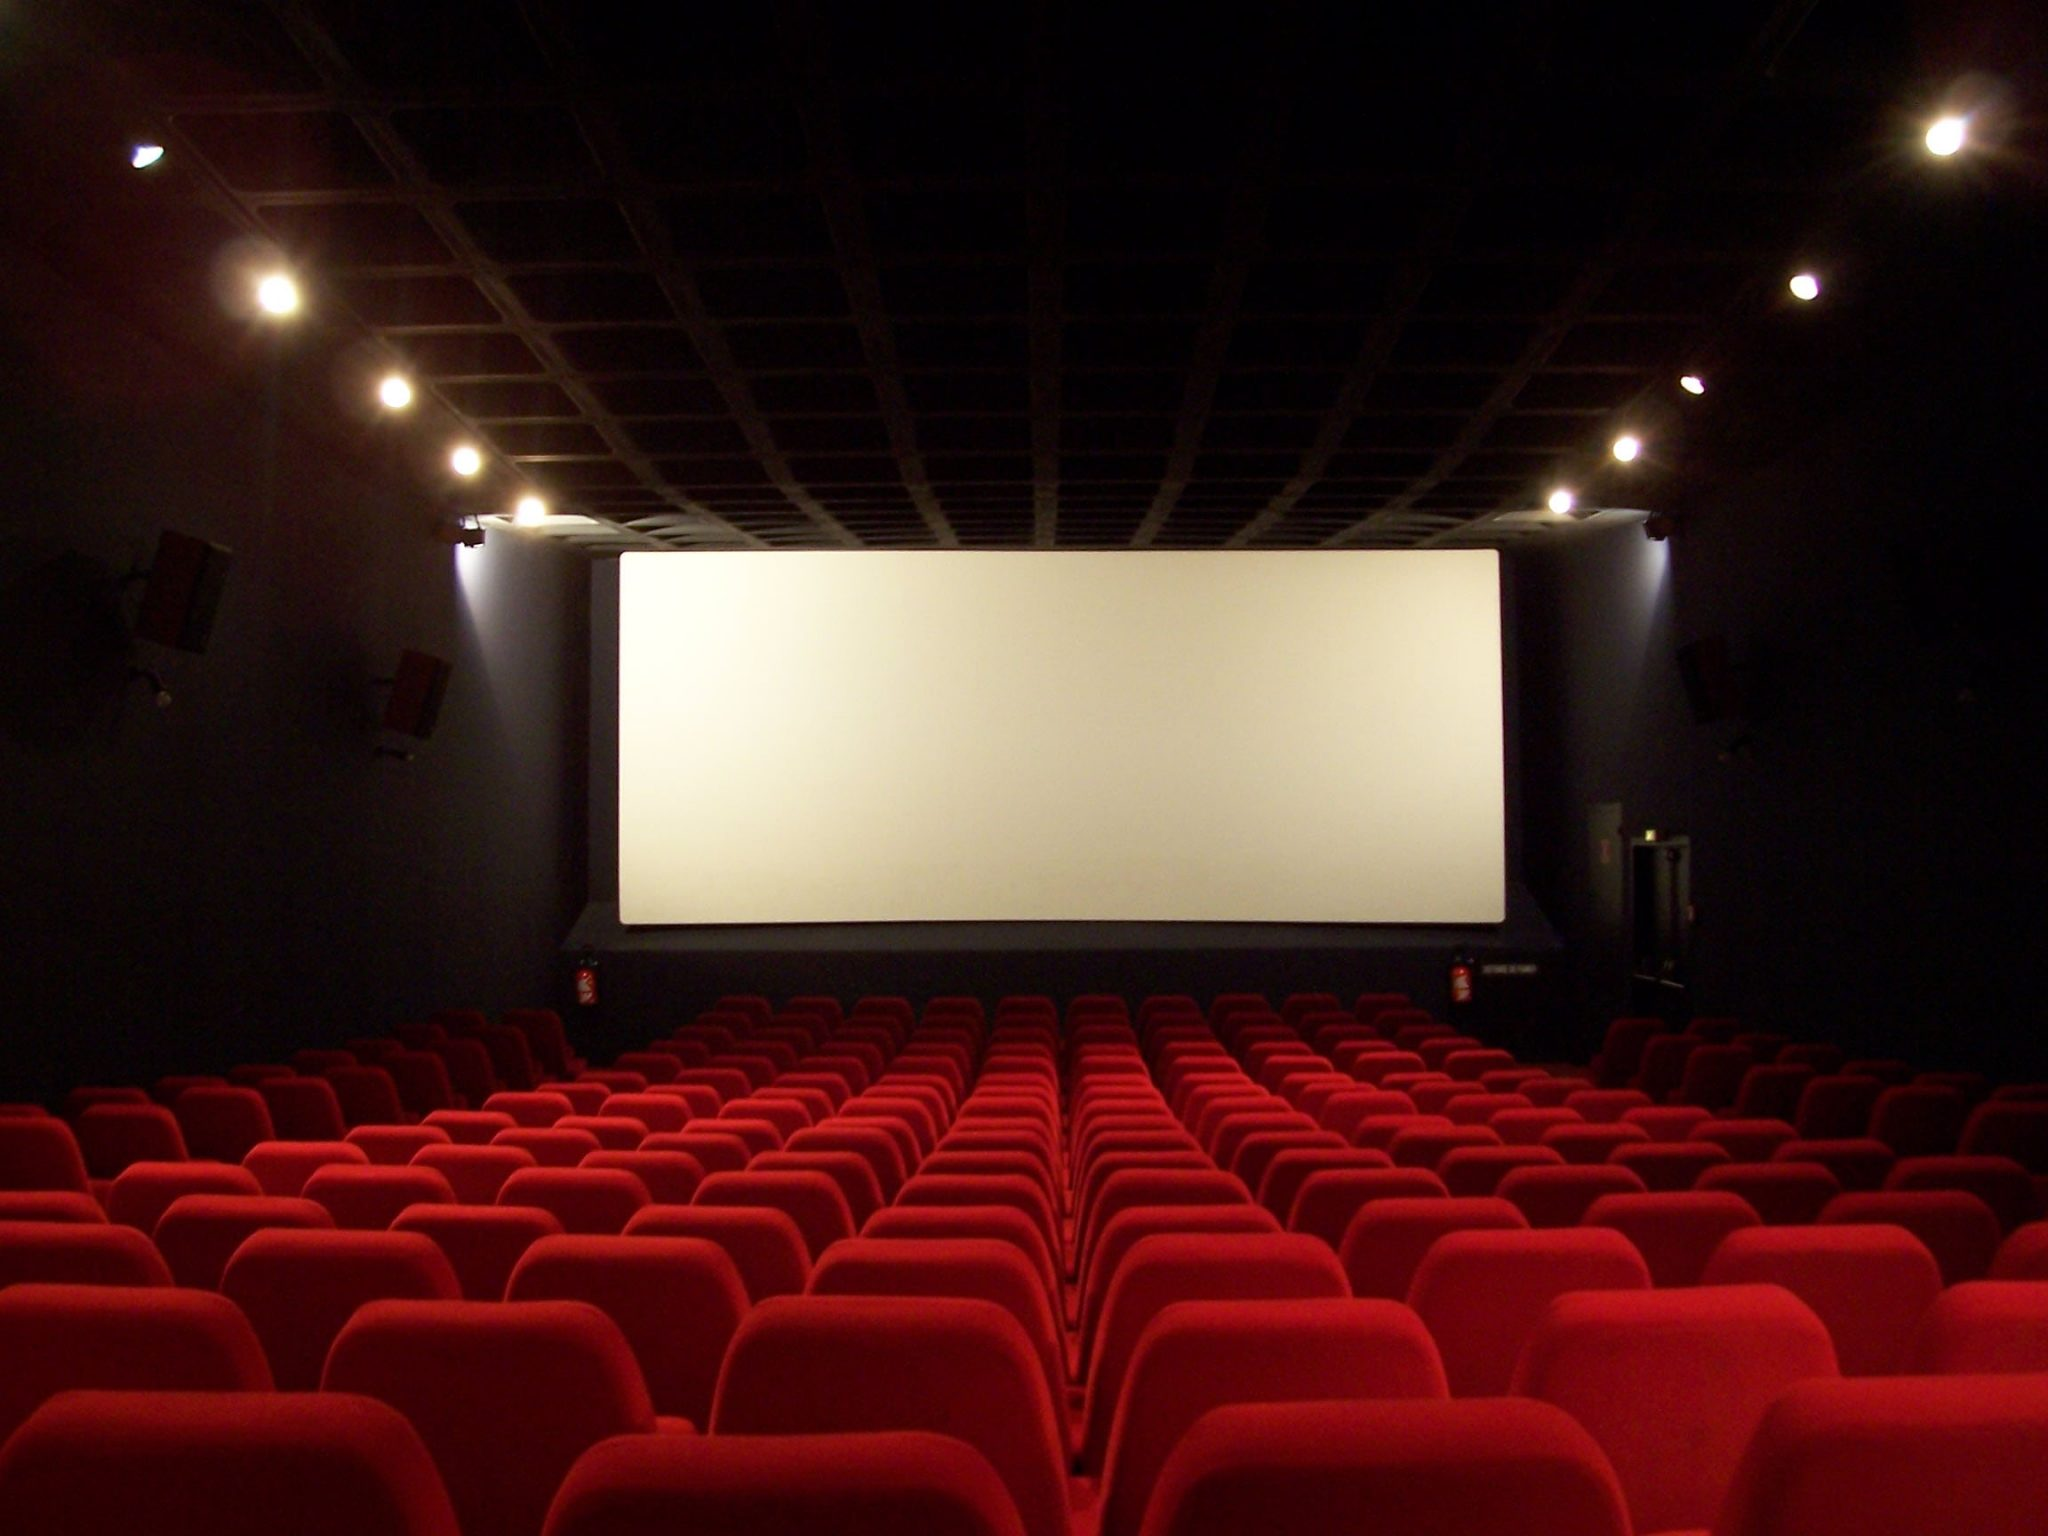 Les 5 films marocains incontournables a ne surtout pas rater en 2021